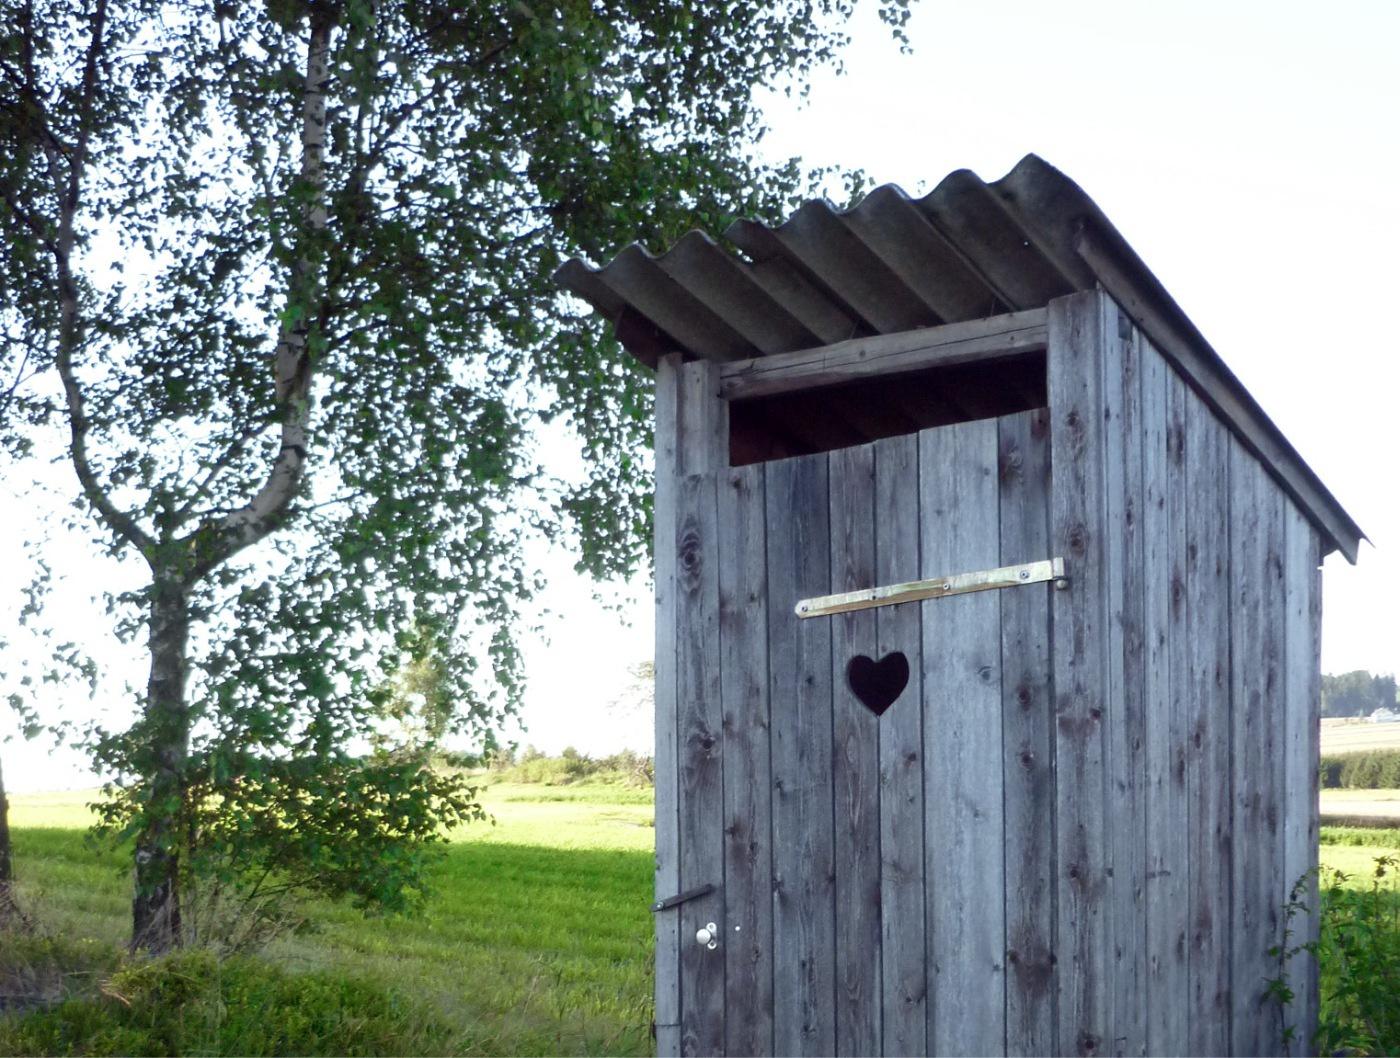 hygienetipps zum welt toilettentag die umweltberatung. Black Bedroom Furniture Sets. Home Design Ideas